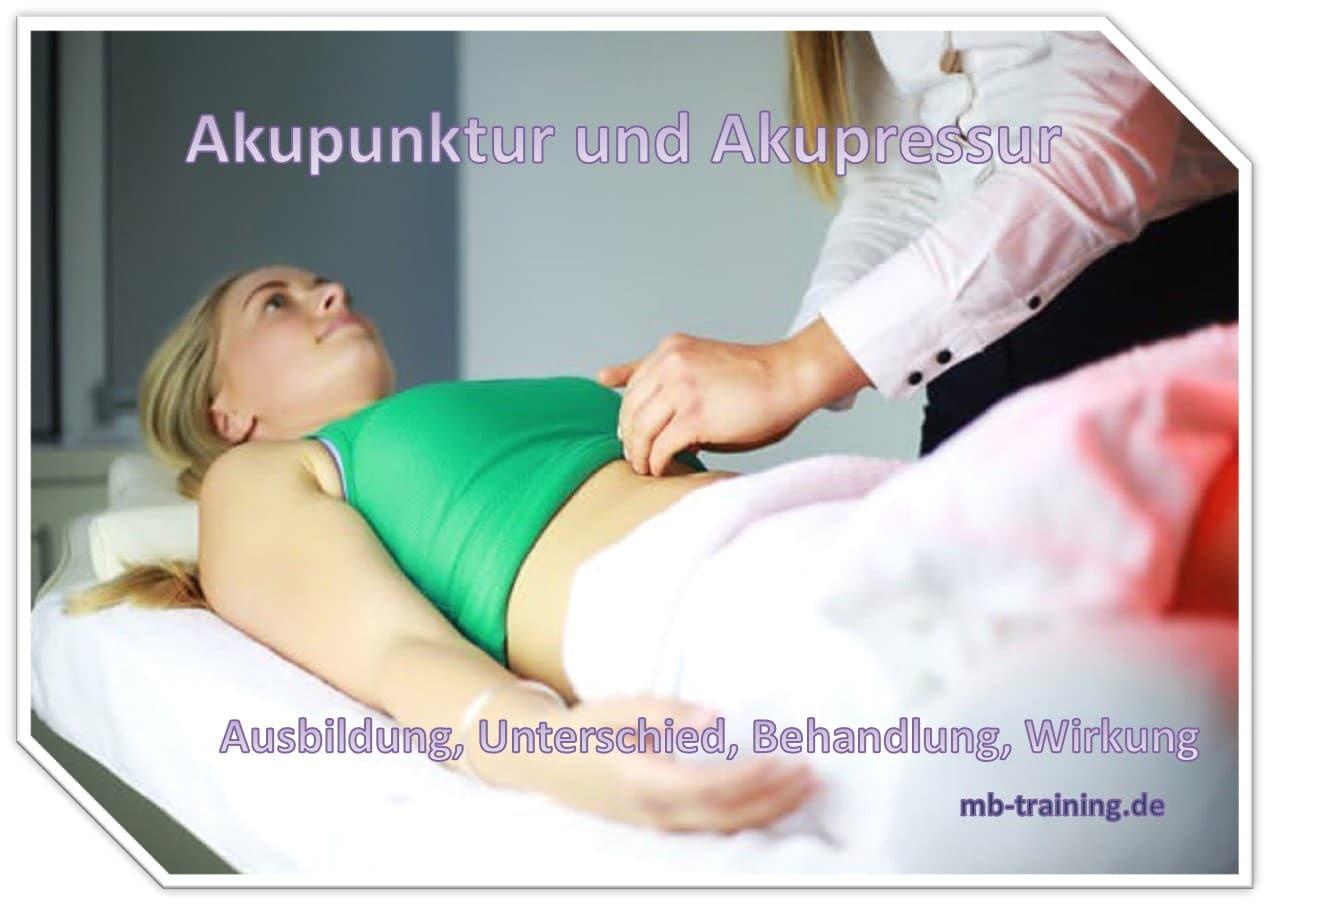 Der Unterschied zwischen Akupunktur und Akupressur, lernen Sie mehr zur Ausbildung, der Behandlung sowie der Wirkung